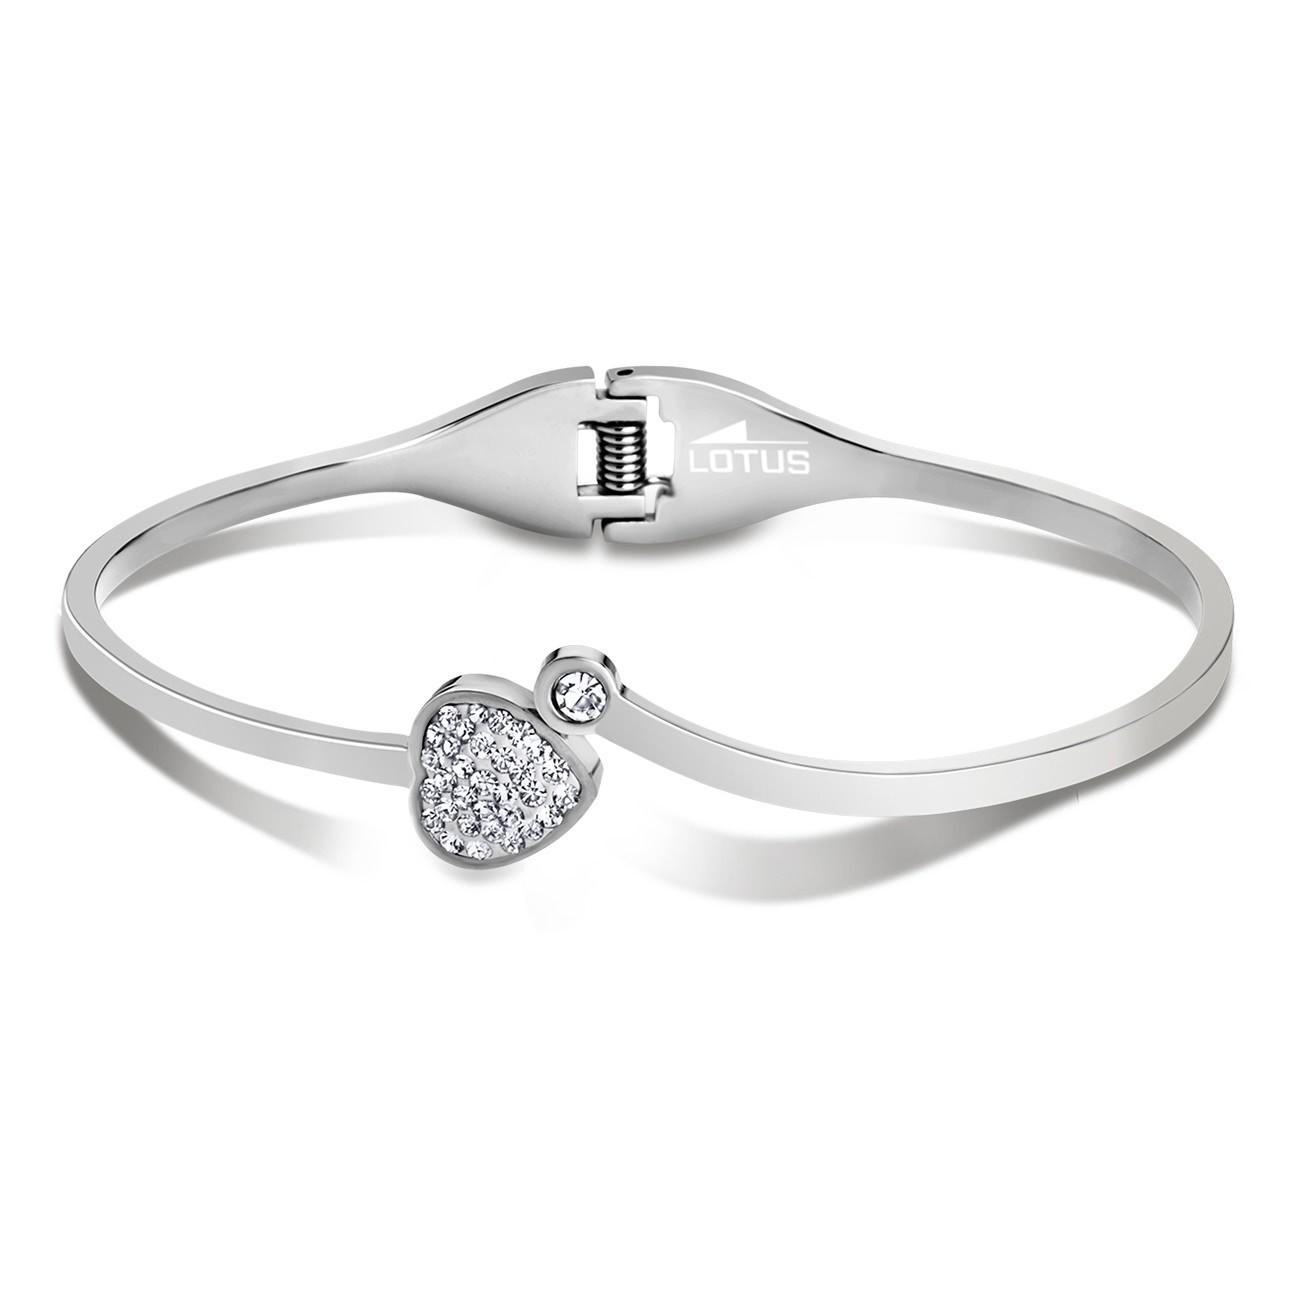 LOTUS Style Armreif Damen Edelstahl silber LS1791-2/1 Trendy JLS1791-2-1